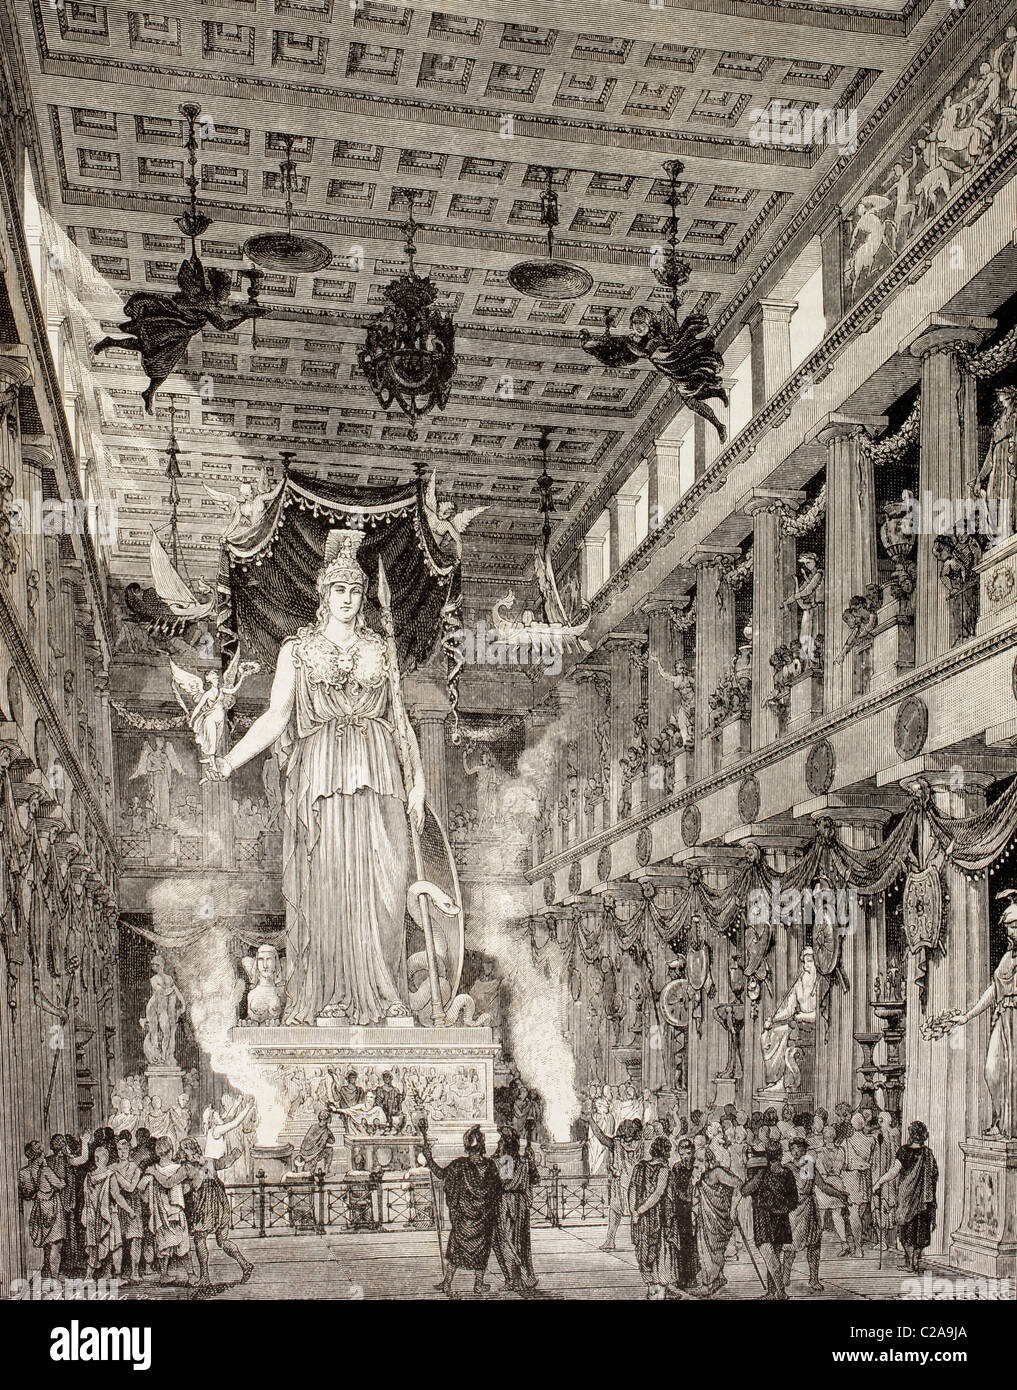 Artista della impressione del Partenone di Atene, Grecia, durante il periodo classico. La statua della dea Atena, Immagini Stock